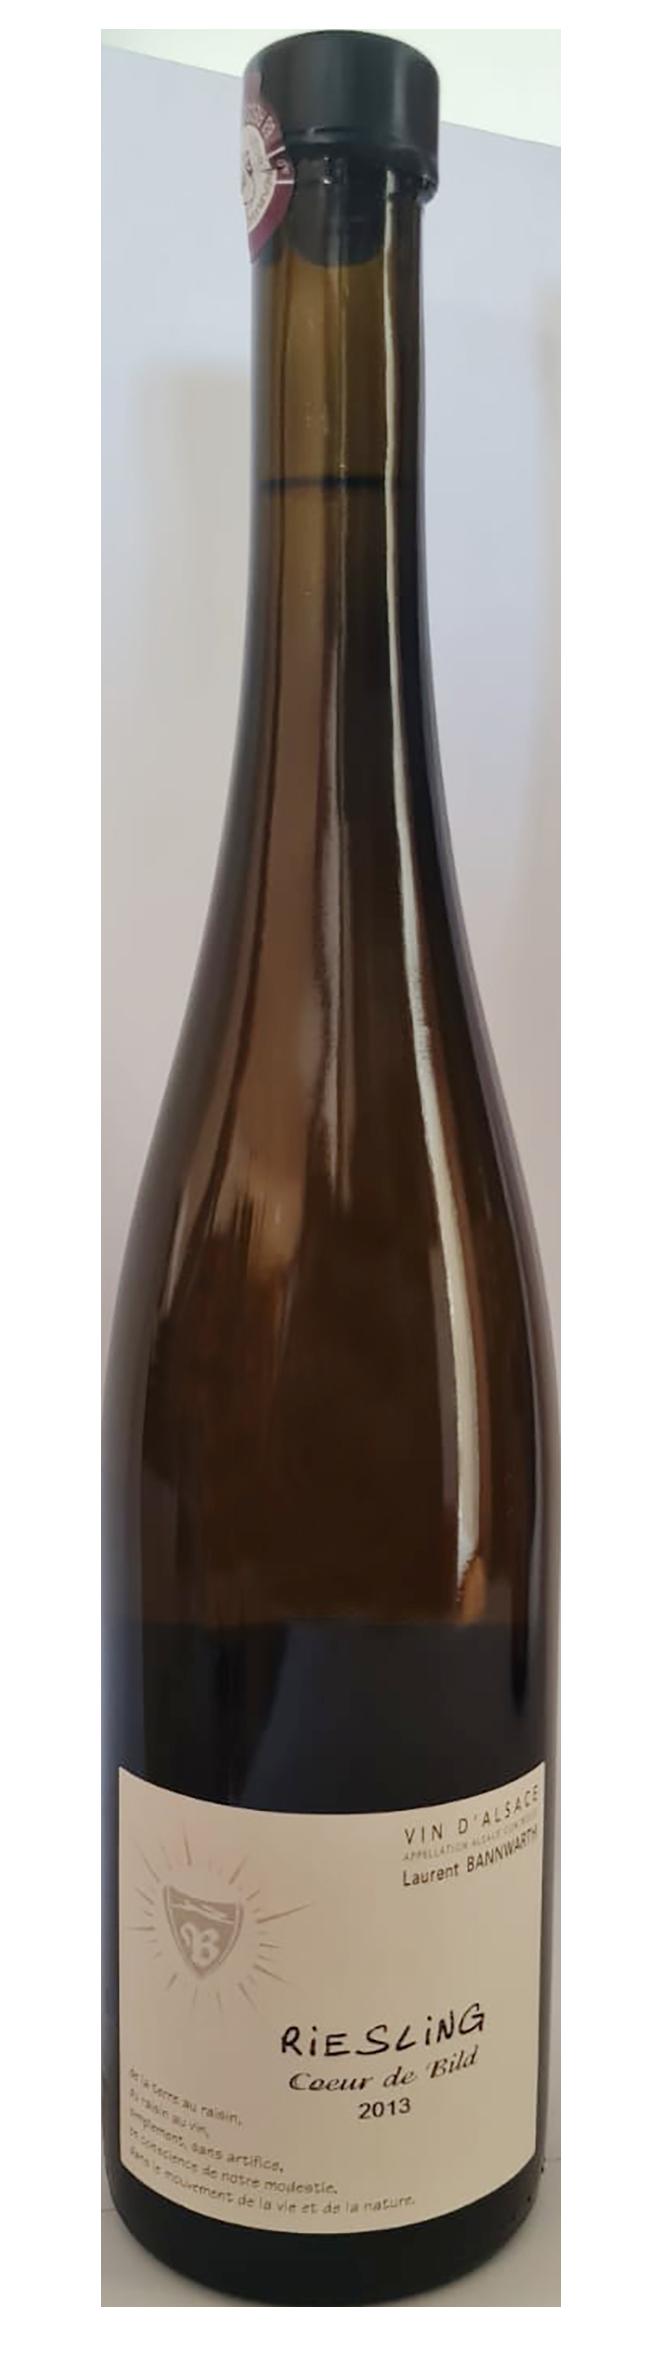 bouteille de vin blanc naturel d'alsace, Domaine Bannwarth, cuvée Riesling coeur de Bild 2013